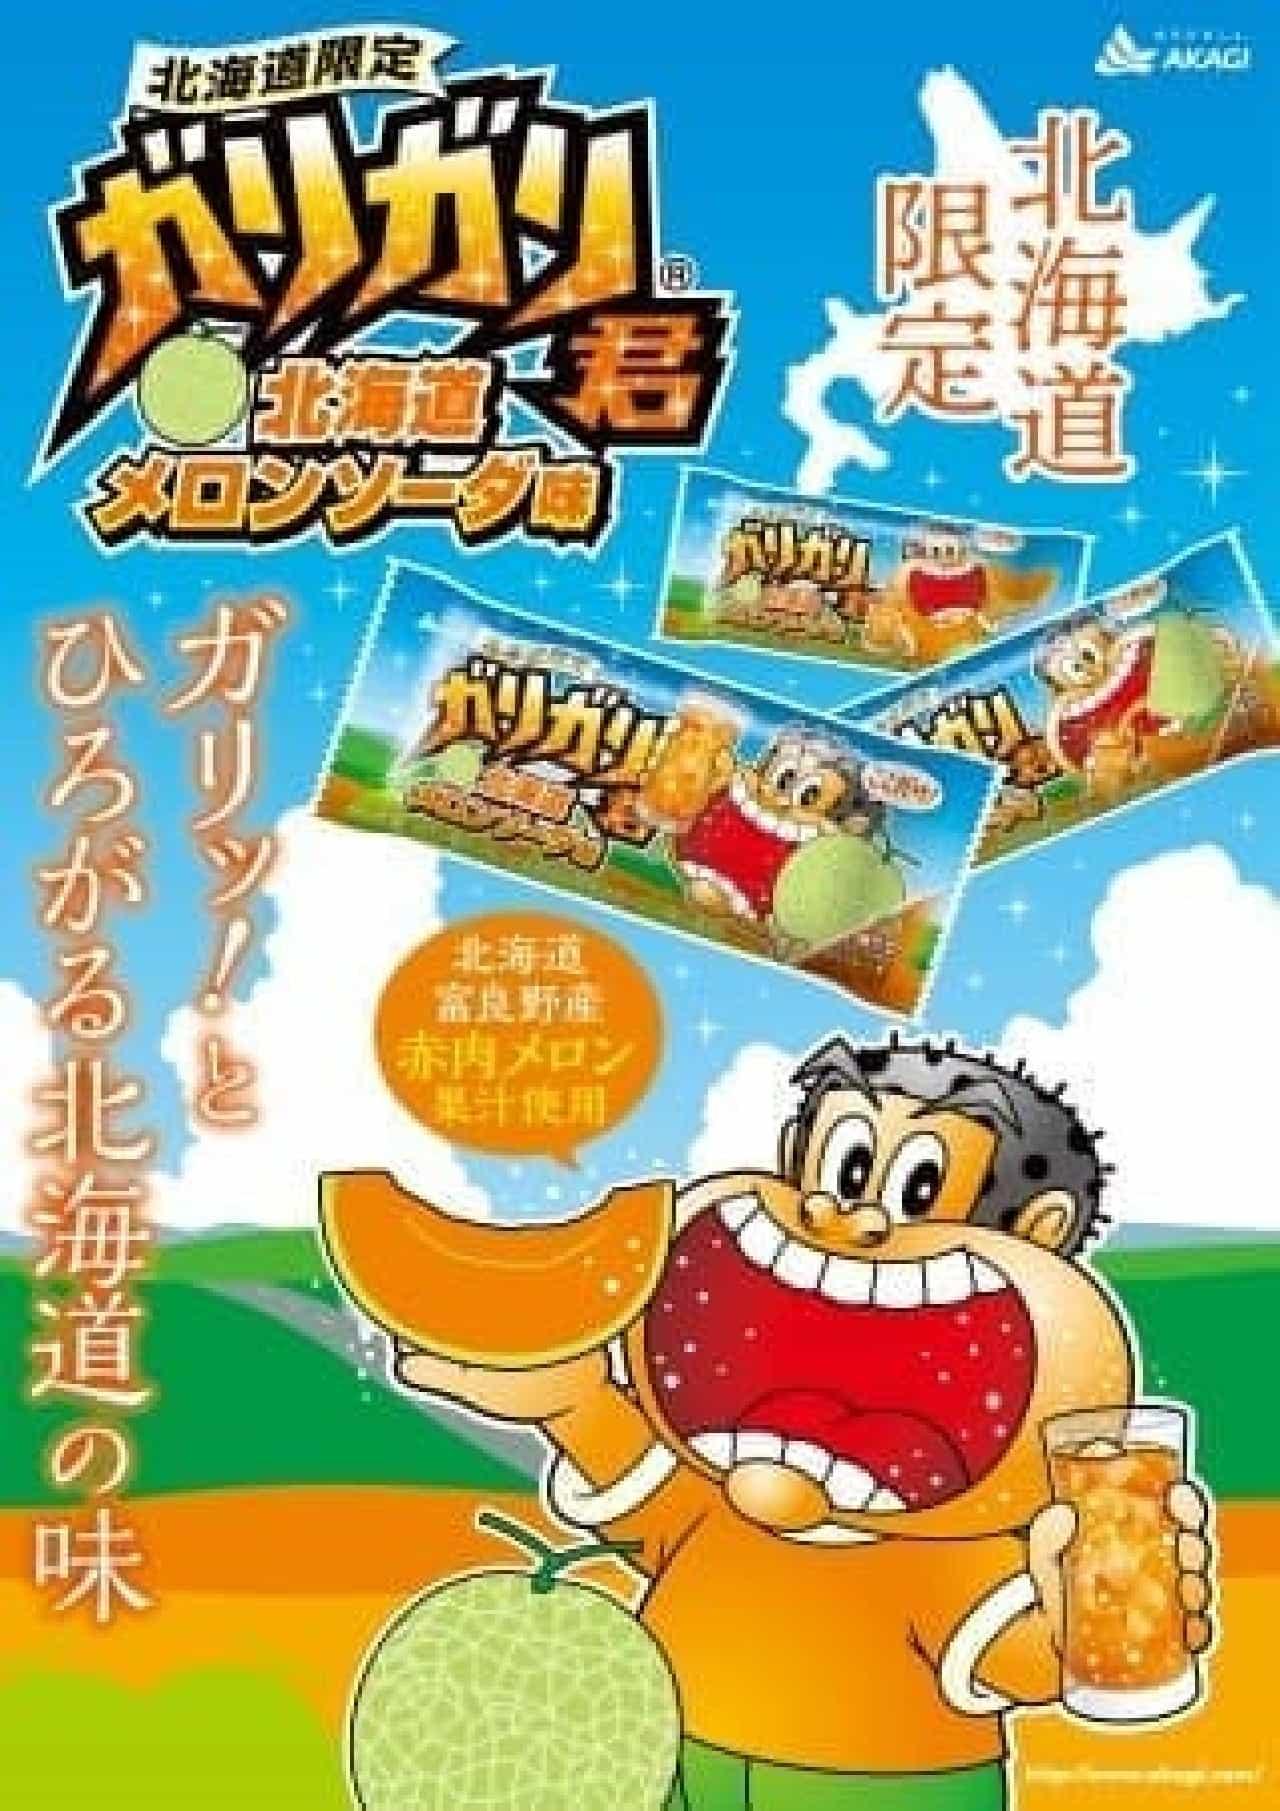 ガリガリ君「北海道メロンソーダ味」